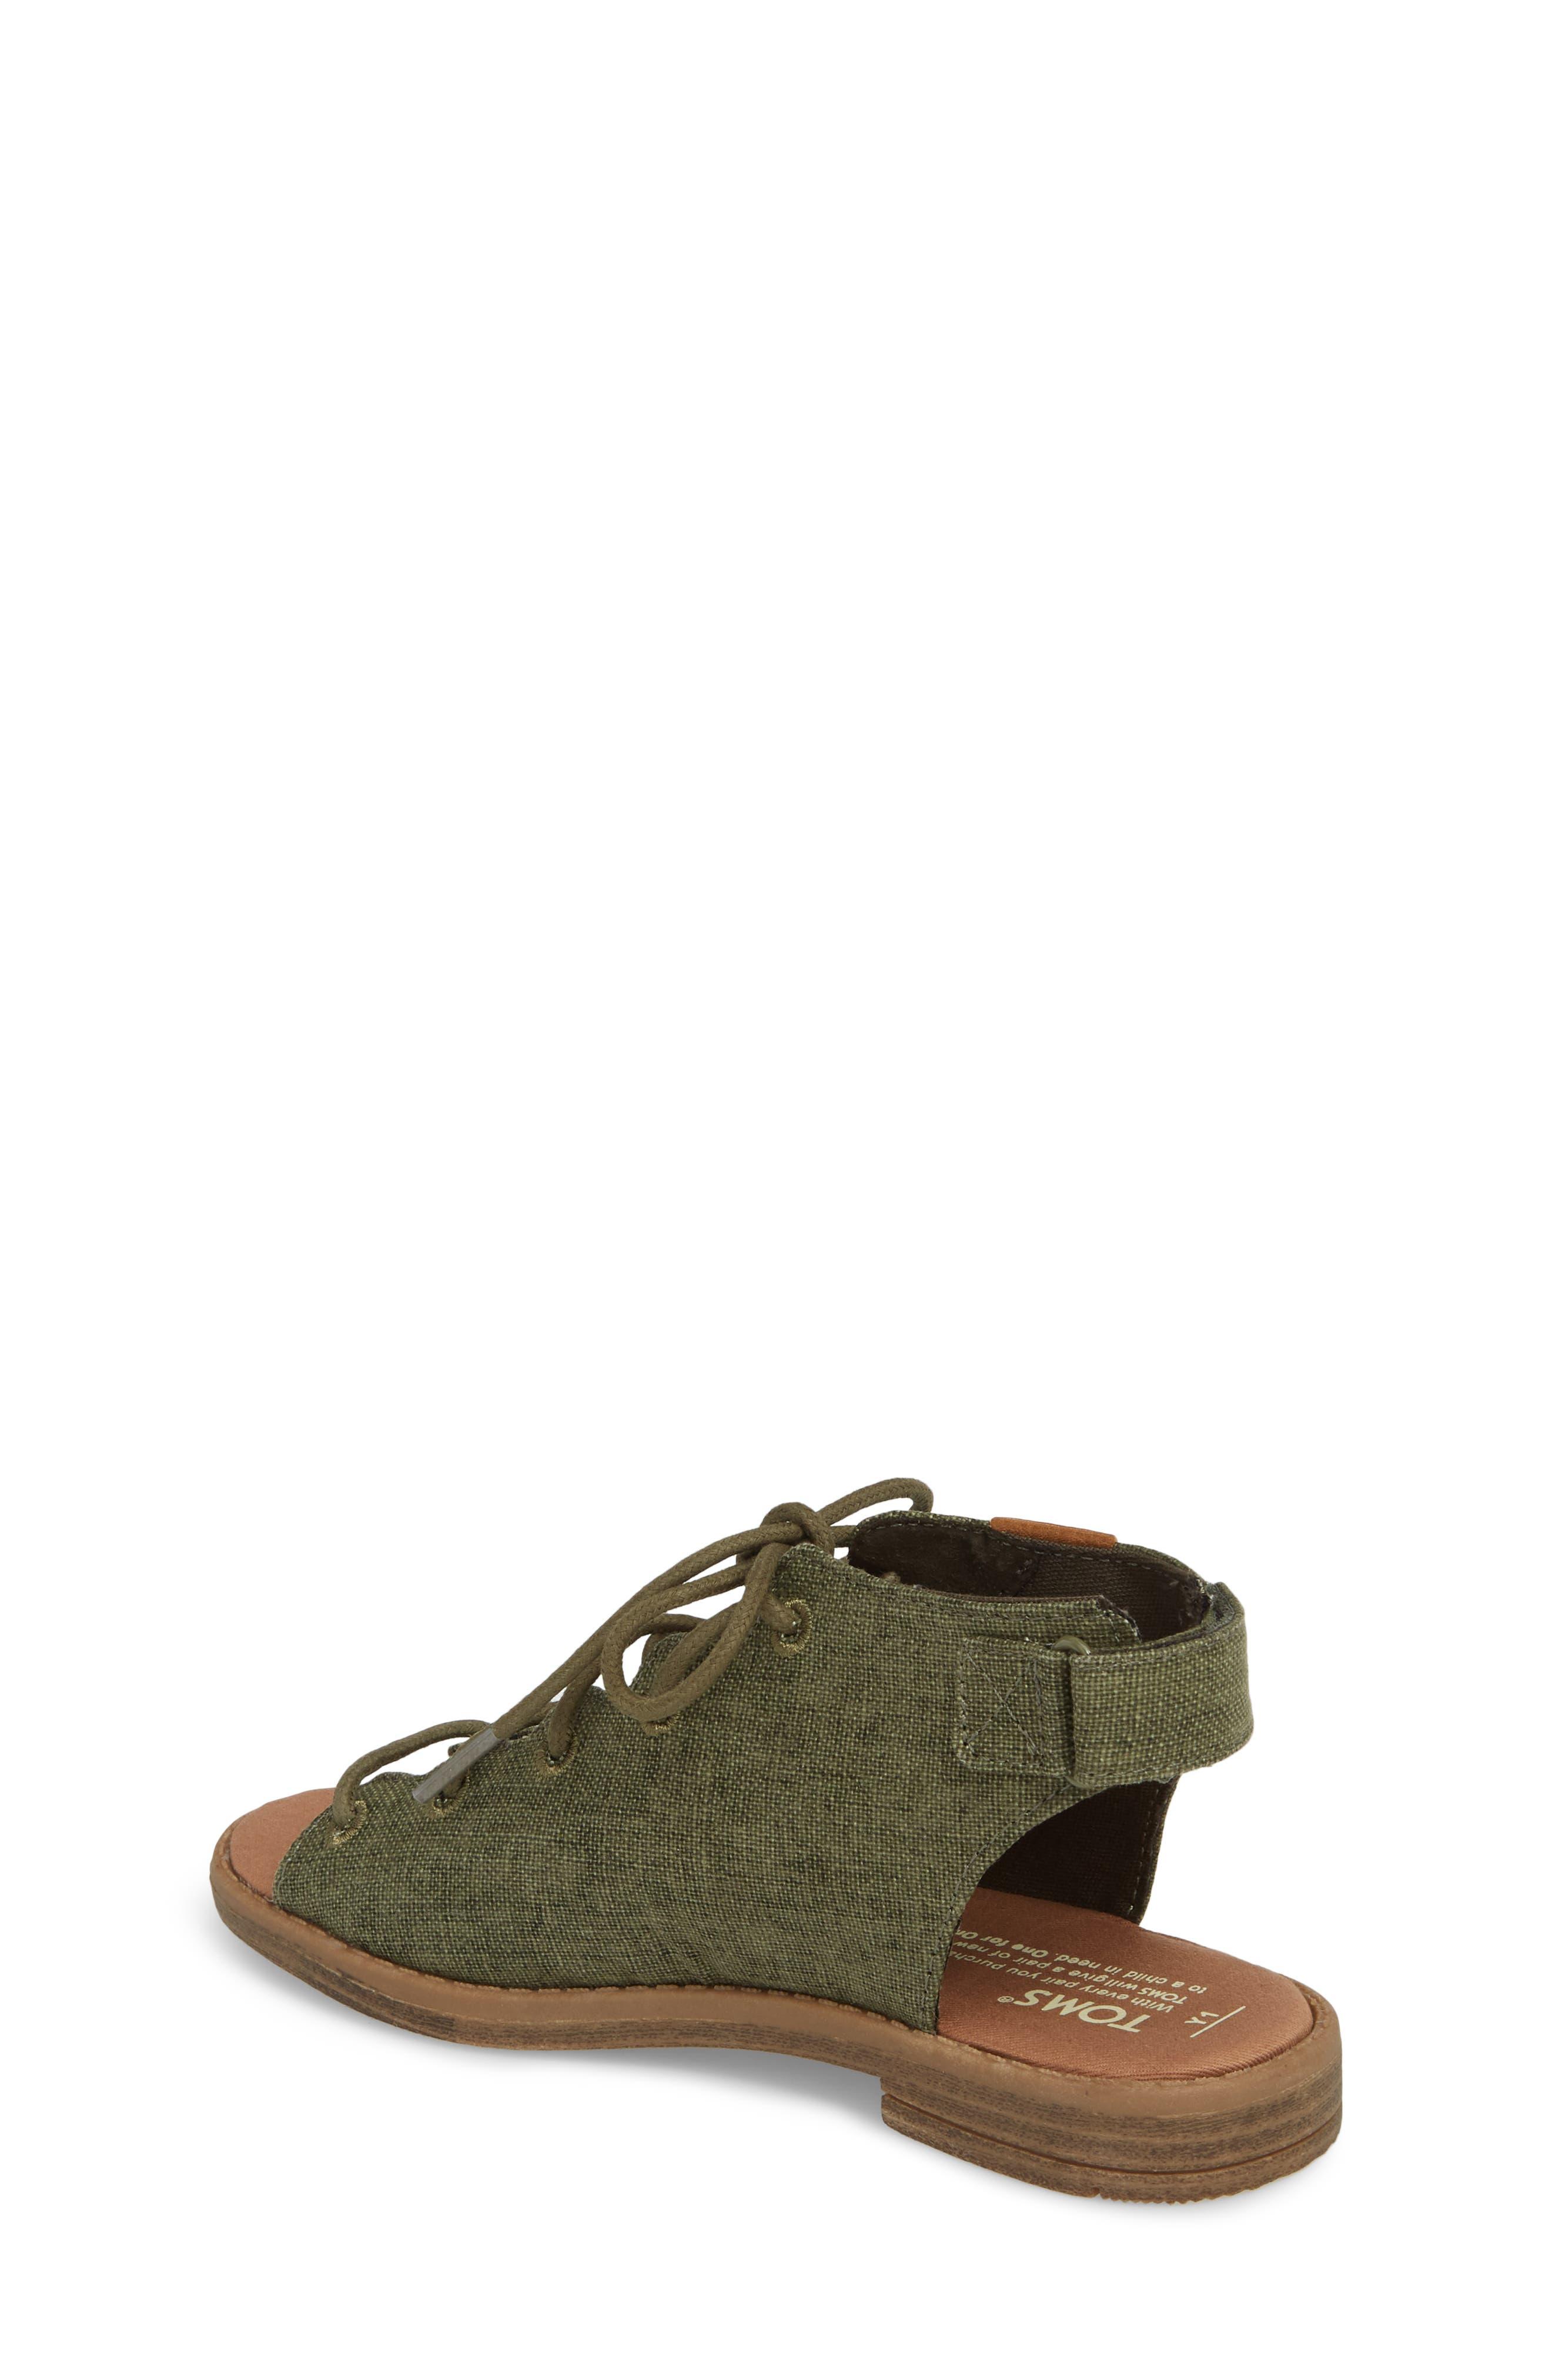 Uma Sandal,                             Alternate thumbnail 2, color,                             Cypress Coated Linen